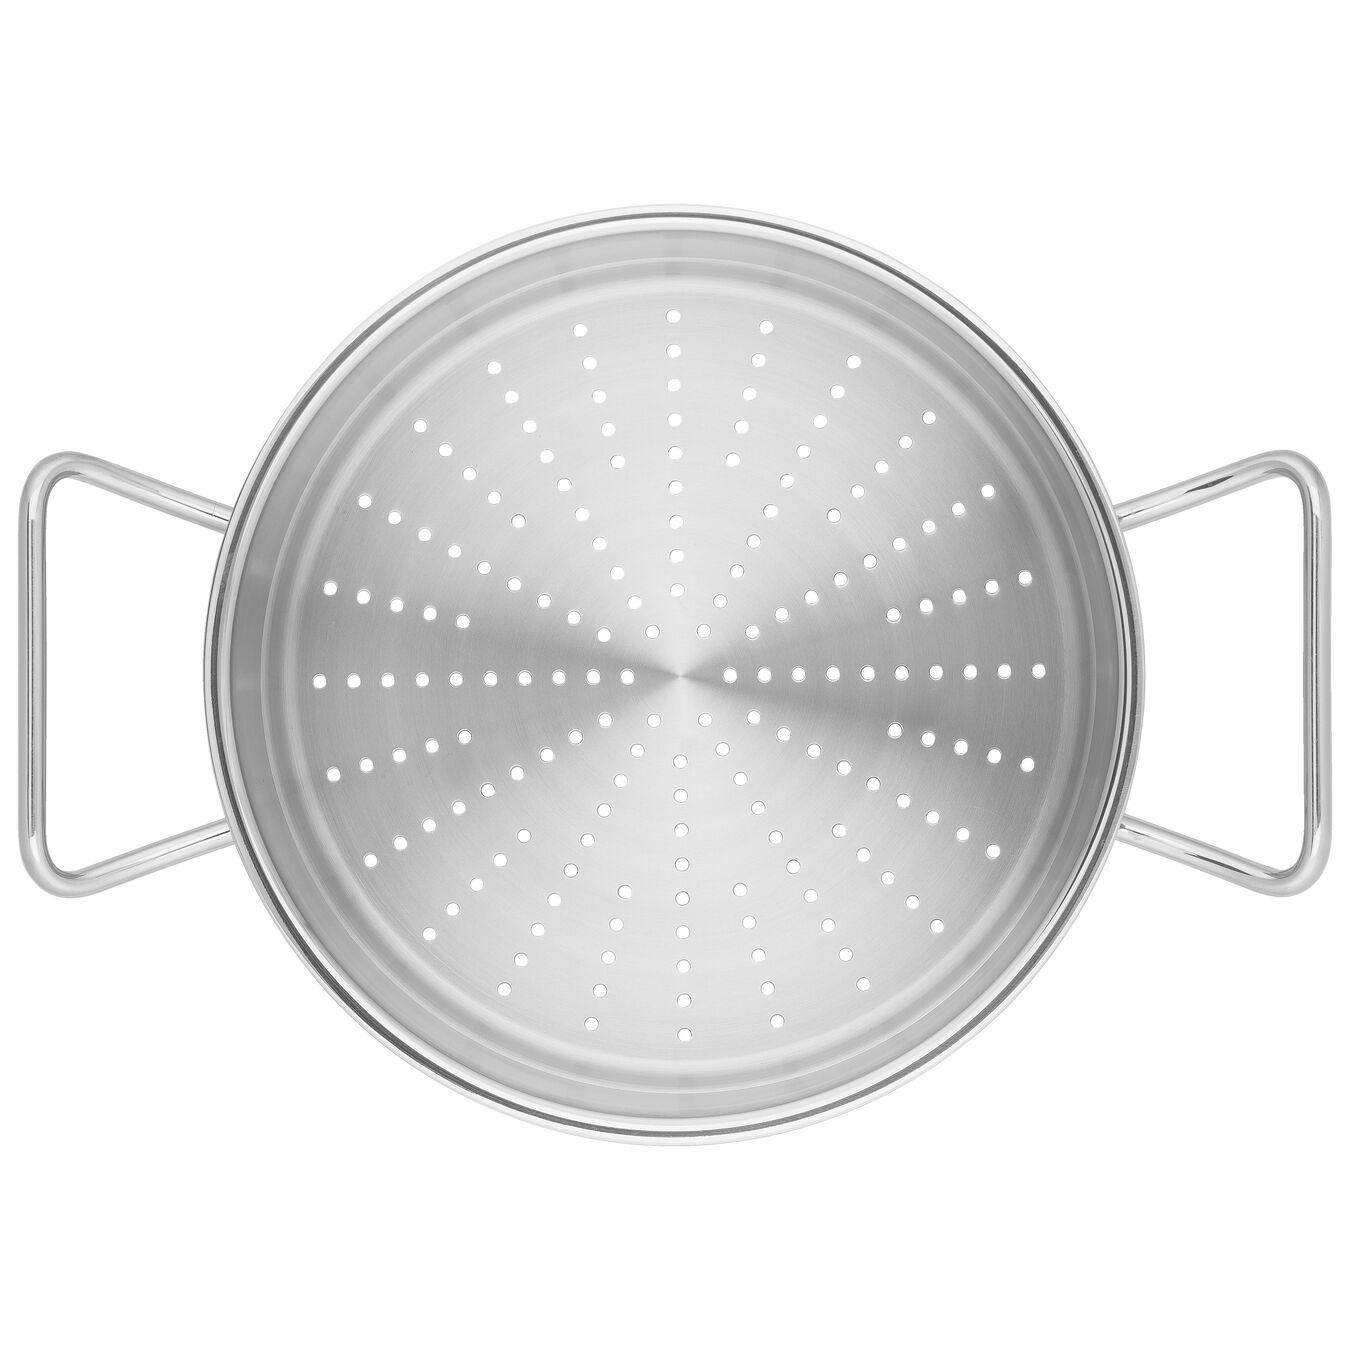 Ånginsats 24 cm, 18/10 Rostfritt stål,,large 5